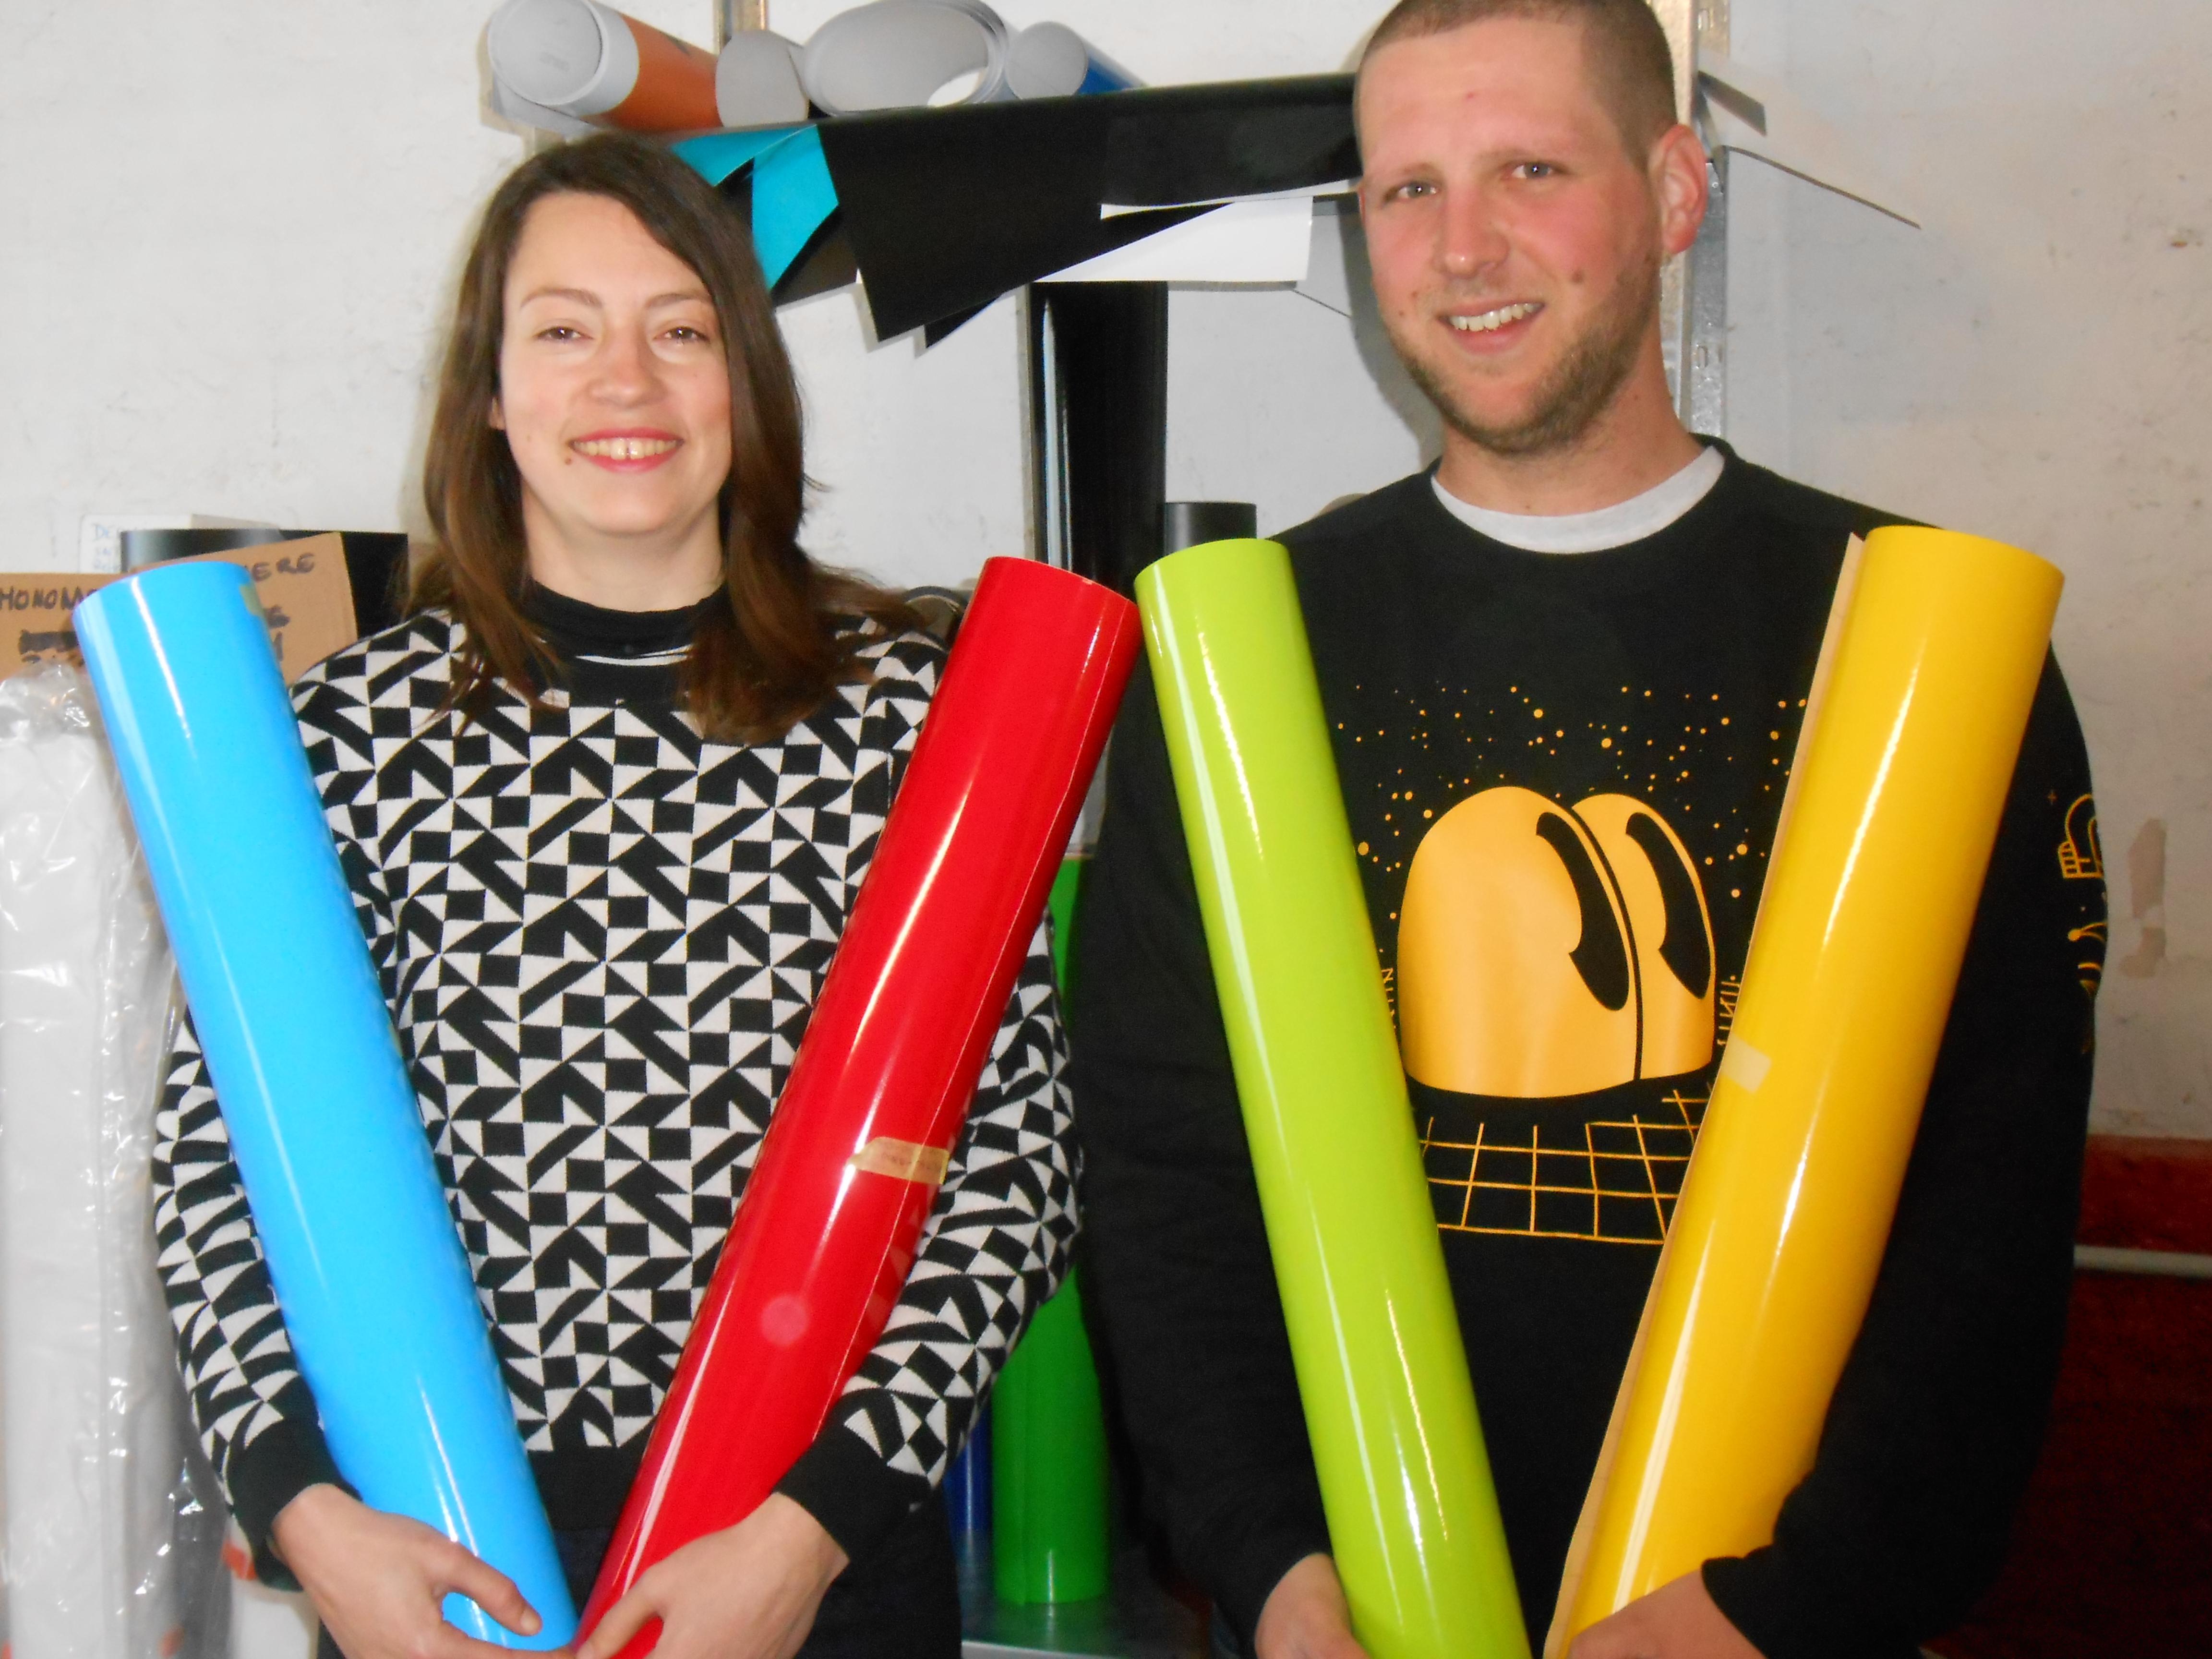 L'atelier W, jeunes artisans passionnés pour publicité vivifiée